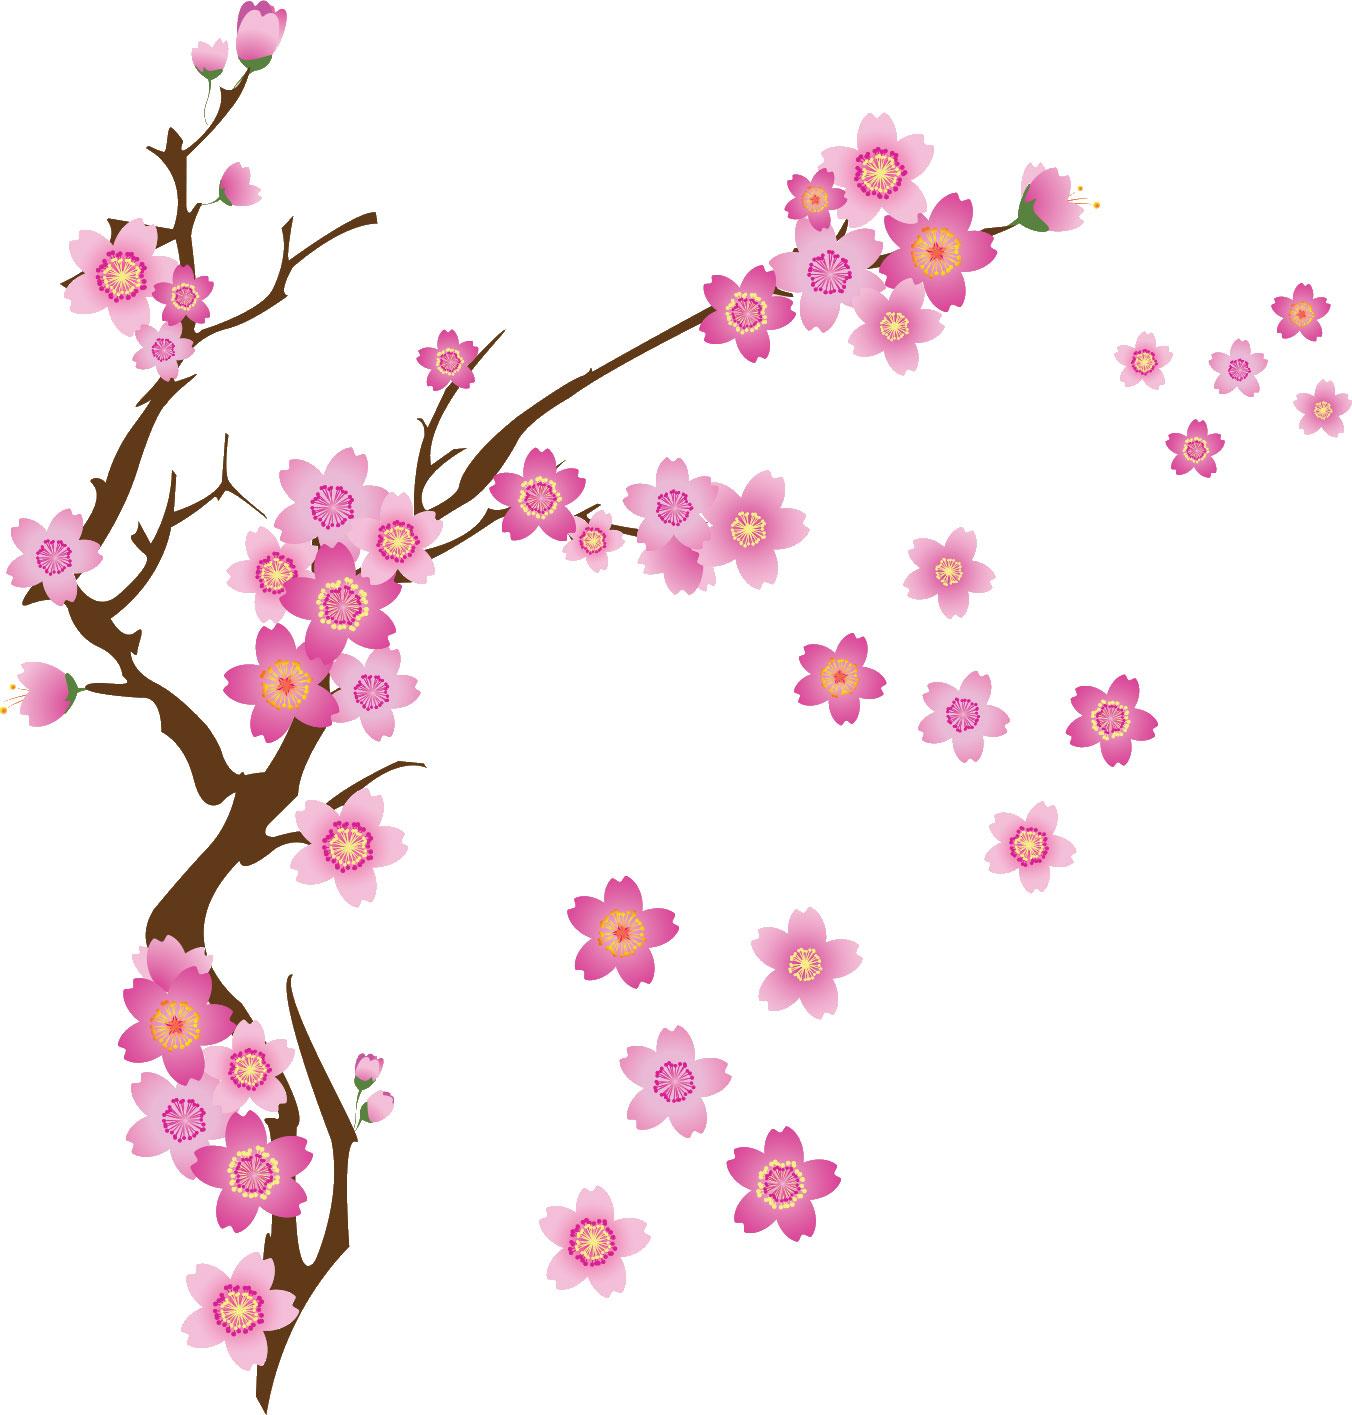 花の無料イラスト素材,舞い散る桜・ポップ